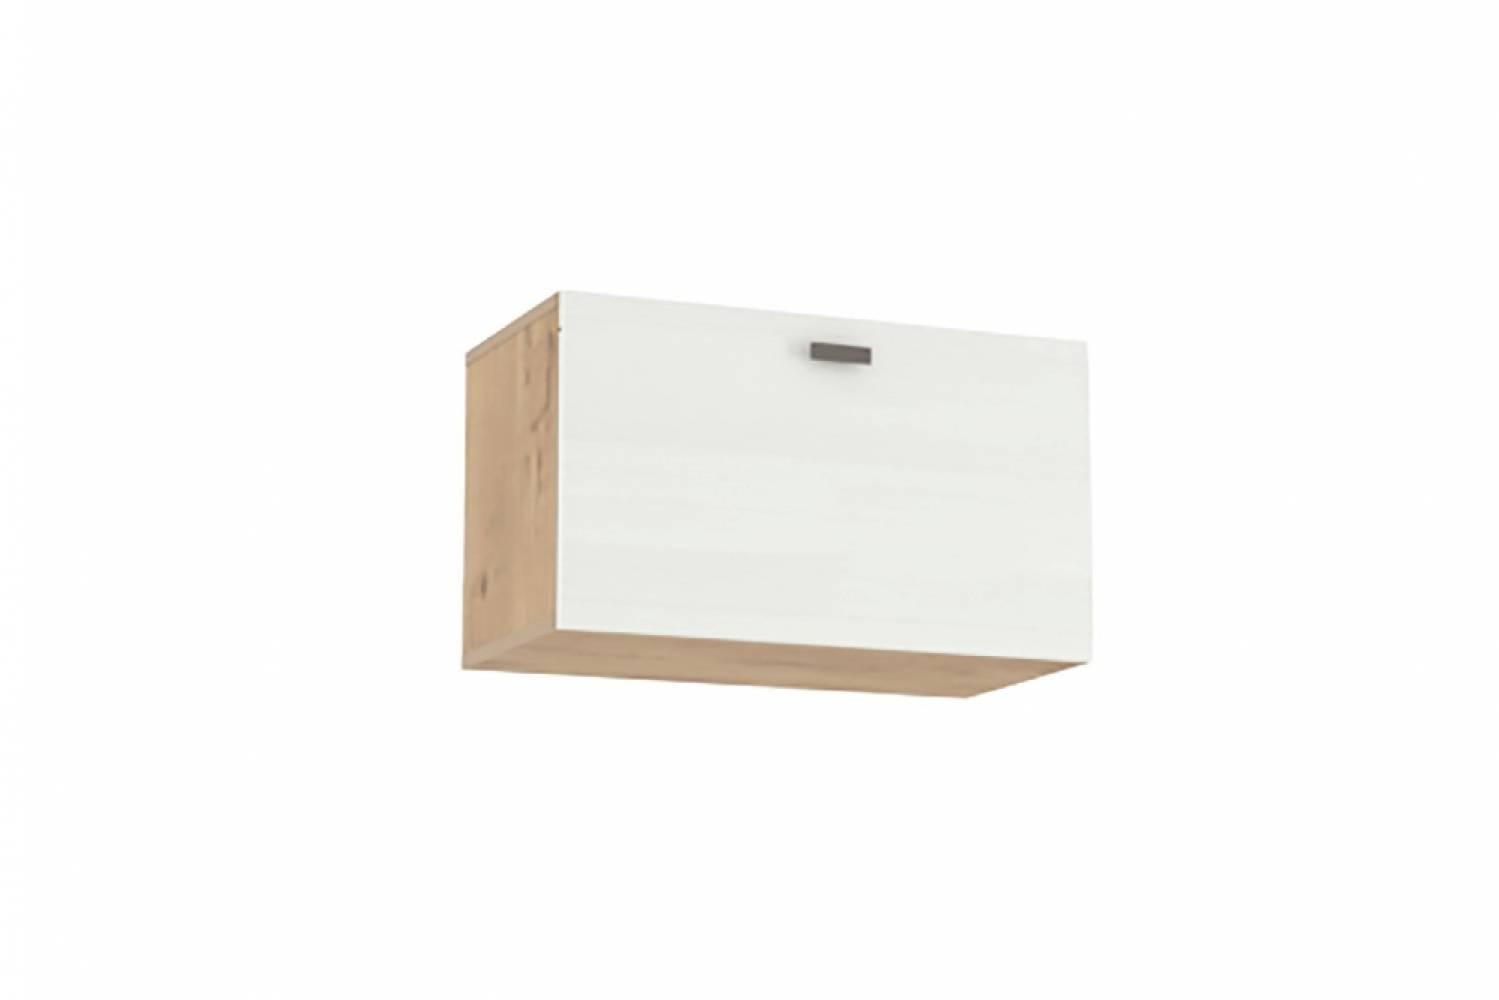 Шкаф навесной (открывание вниз) НМ 014.21-02 SNOW WOOD (Дуб Бунратти/Белое дерево)